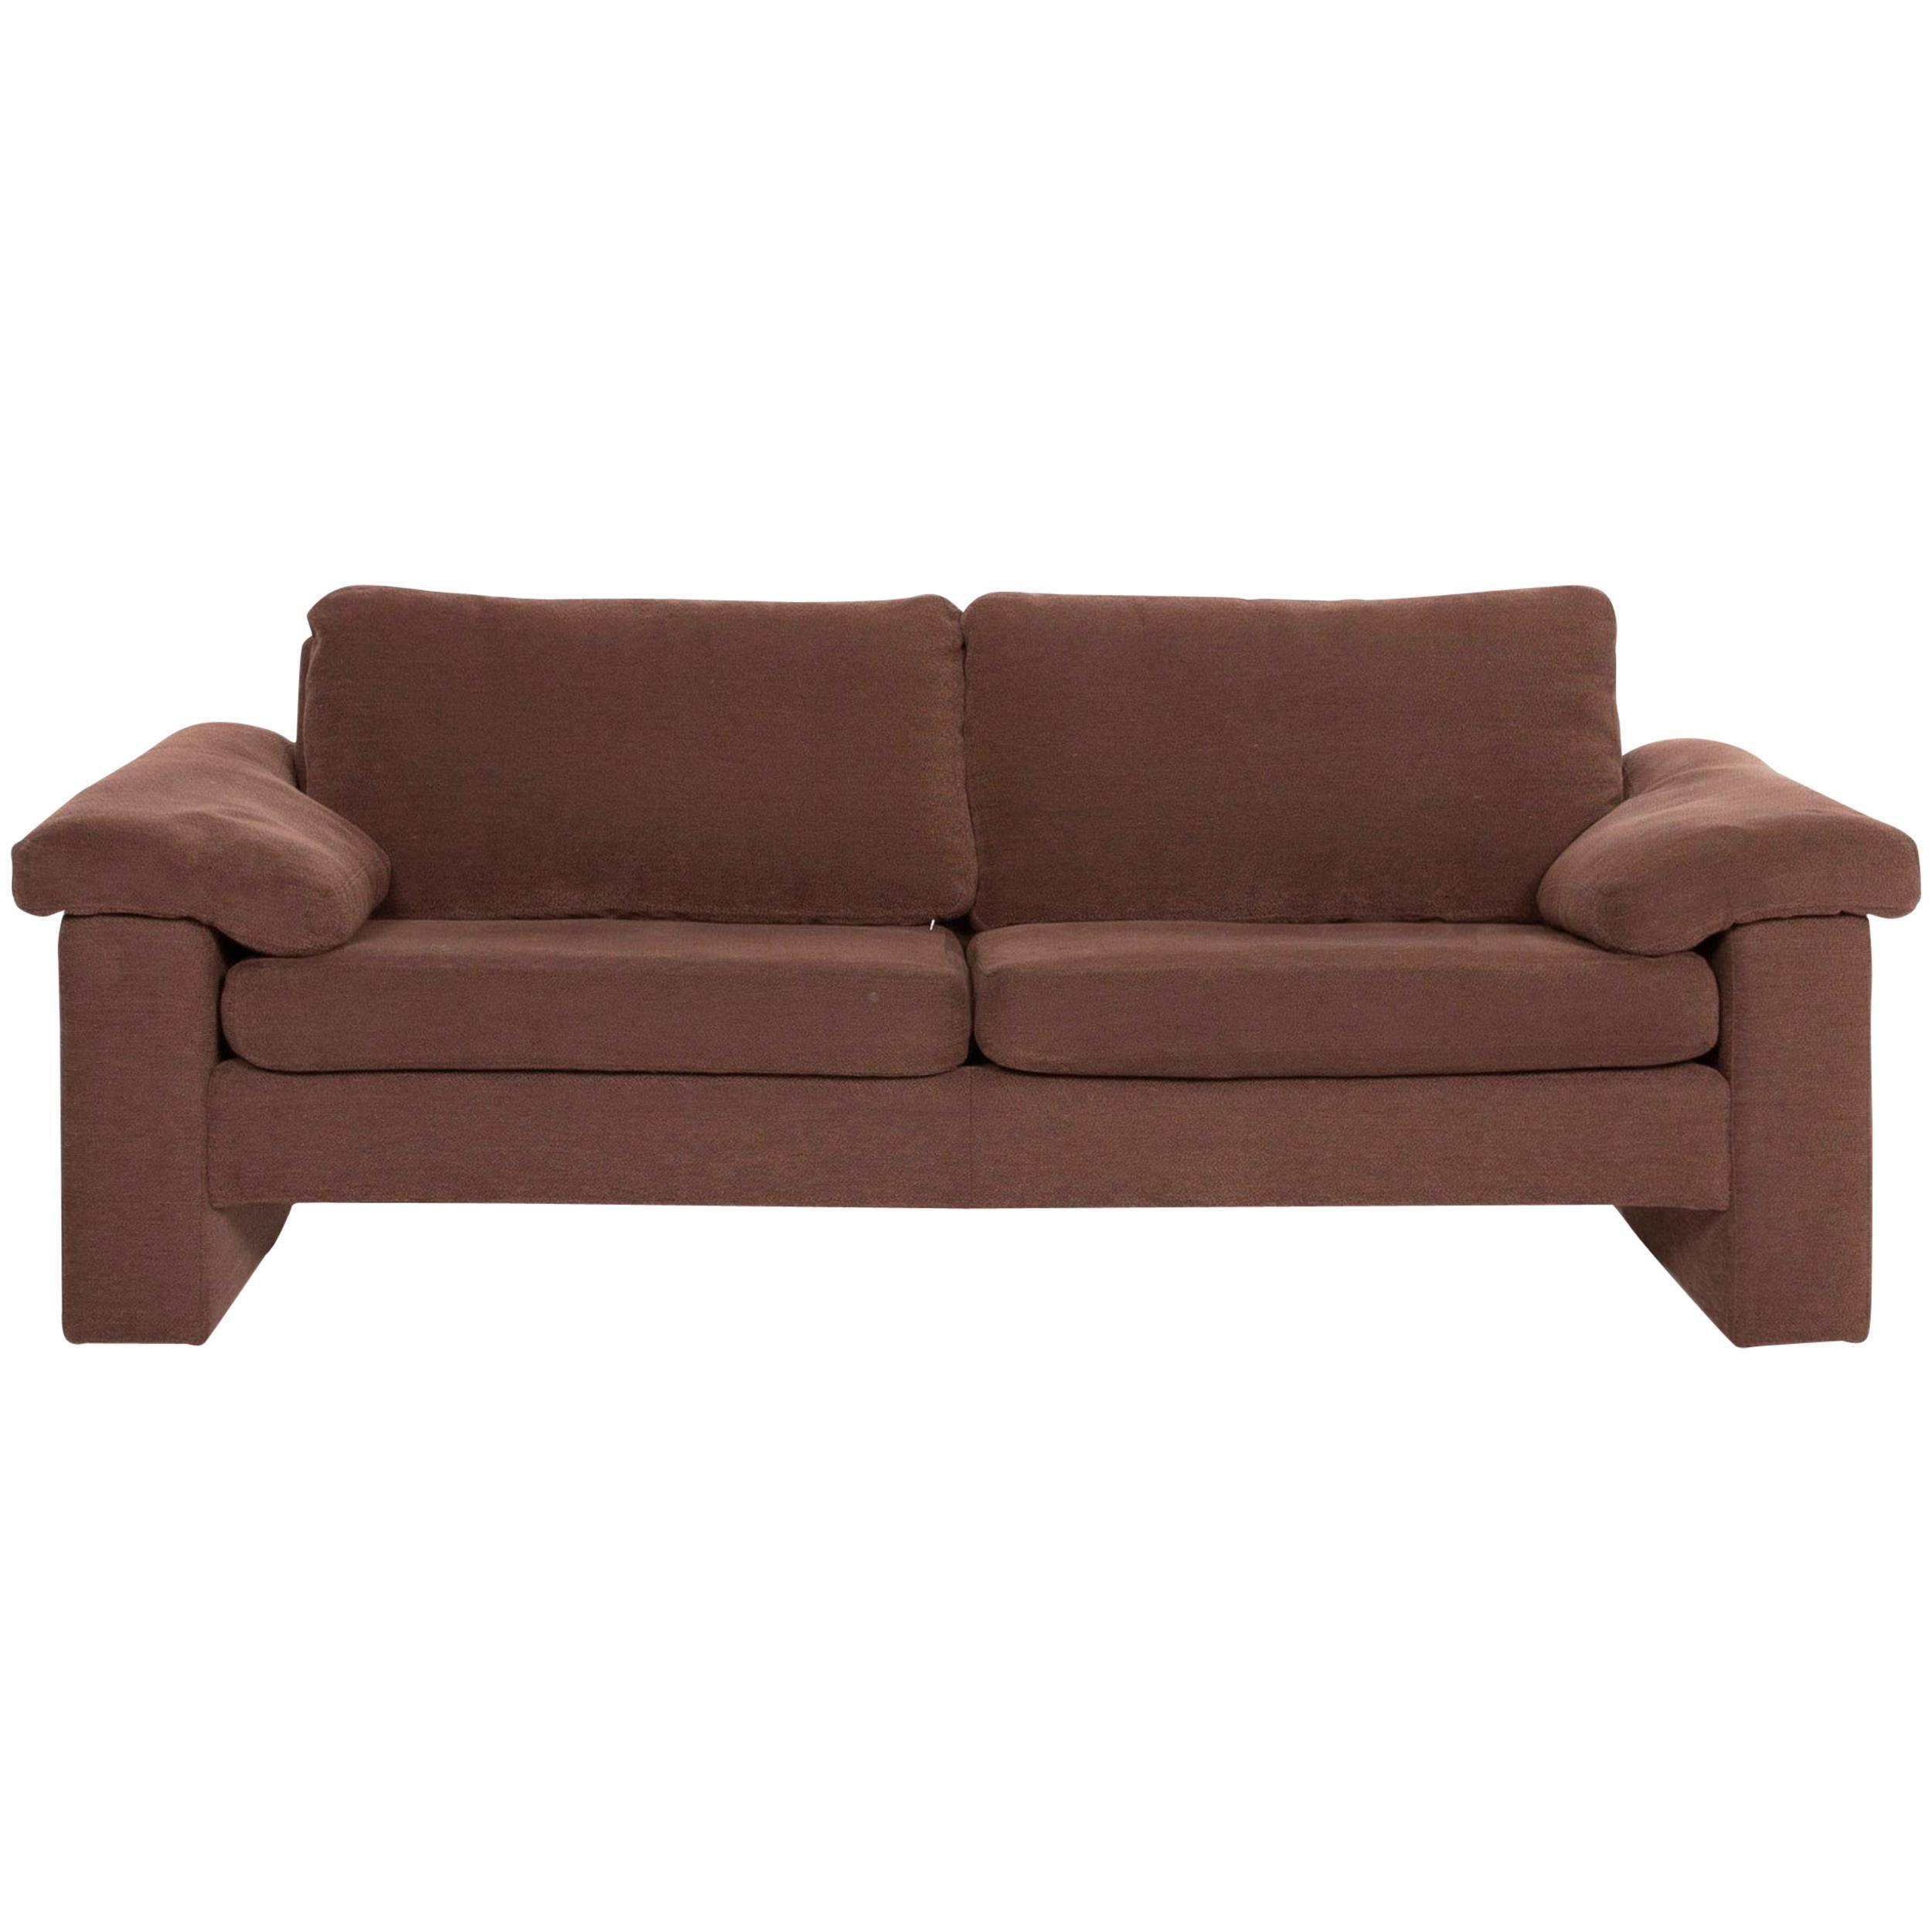 COR Conseta Fabric Sofa Brown Three-Seat